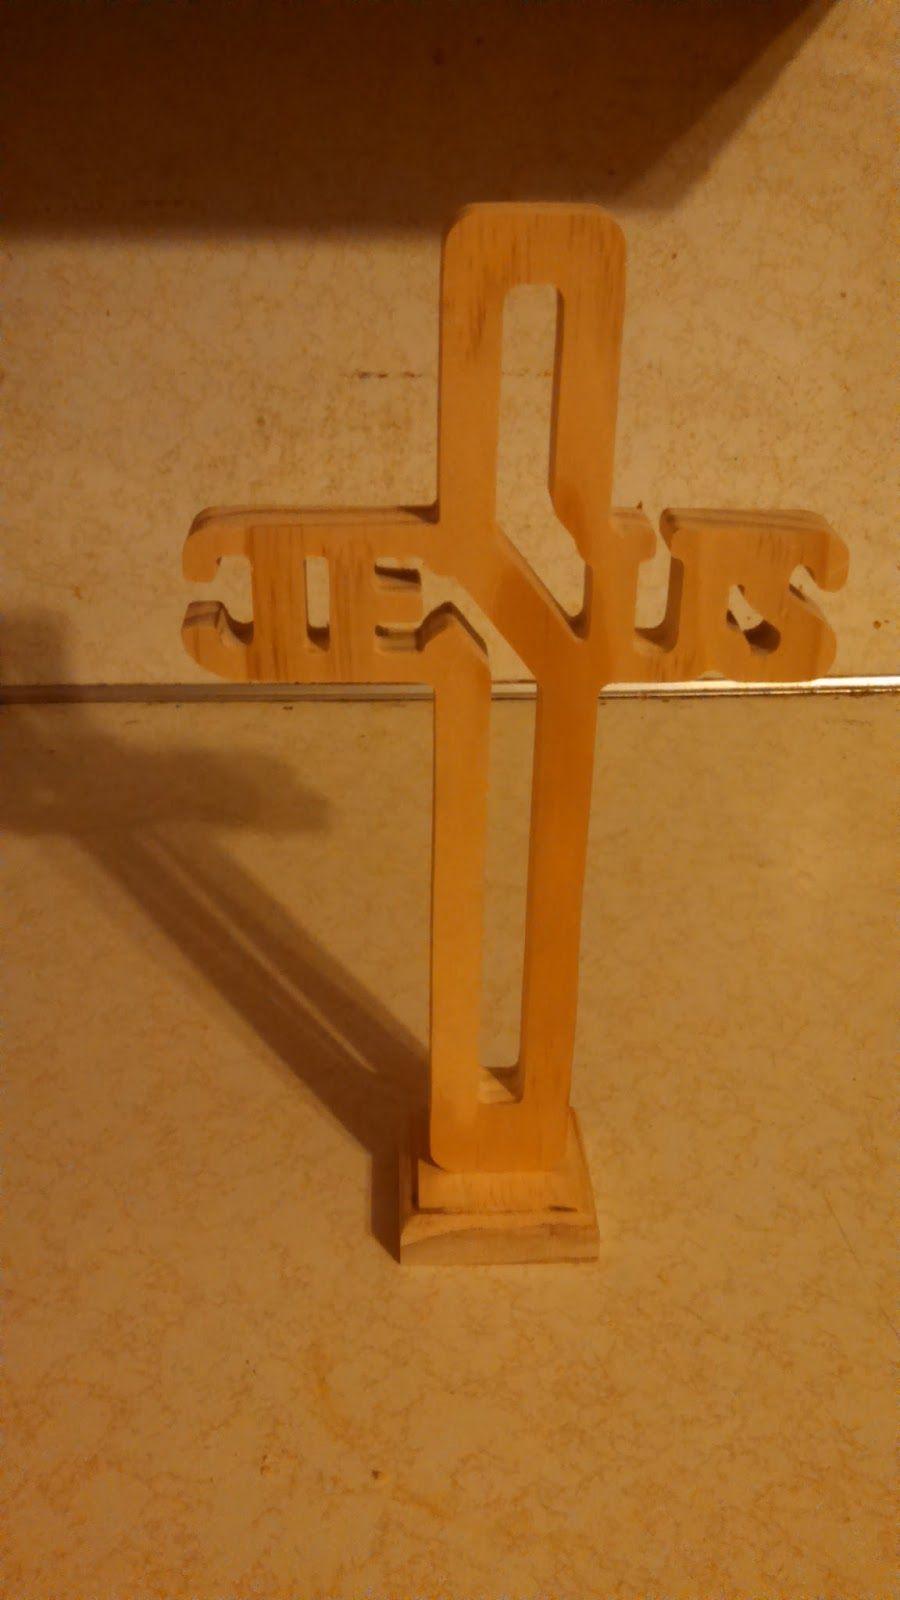 http://cmhn-crafts-n-more.blogspot.com/2016/09/jesus-cross.html